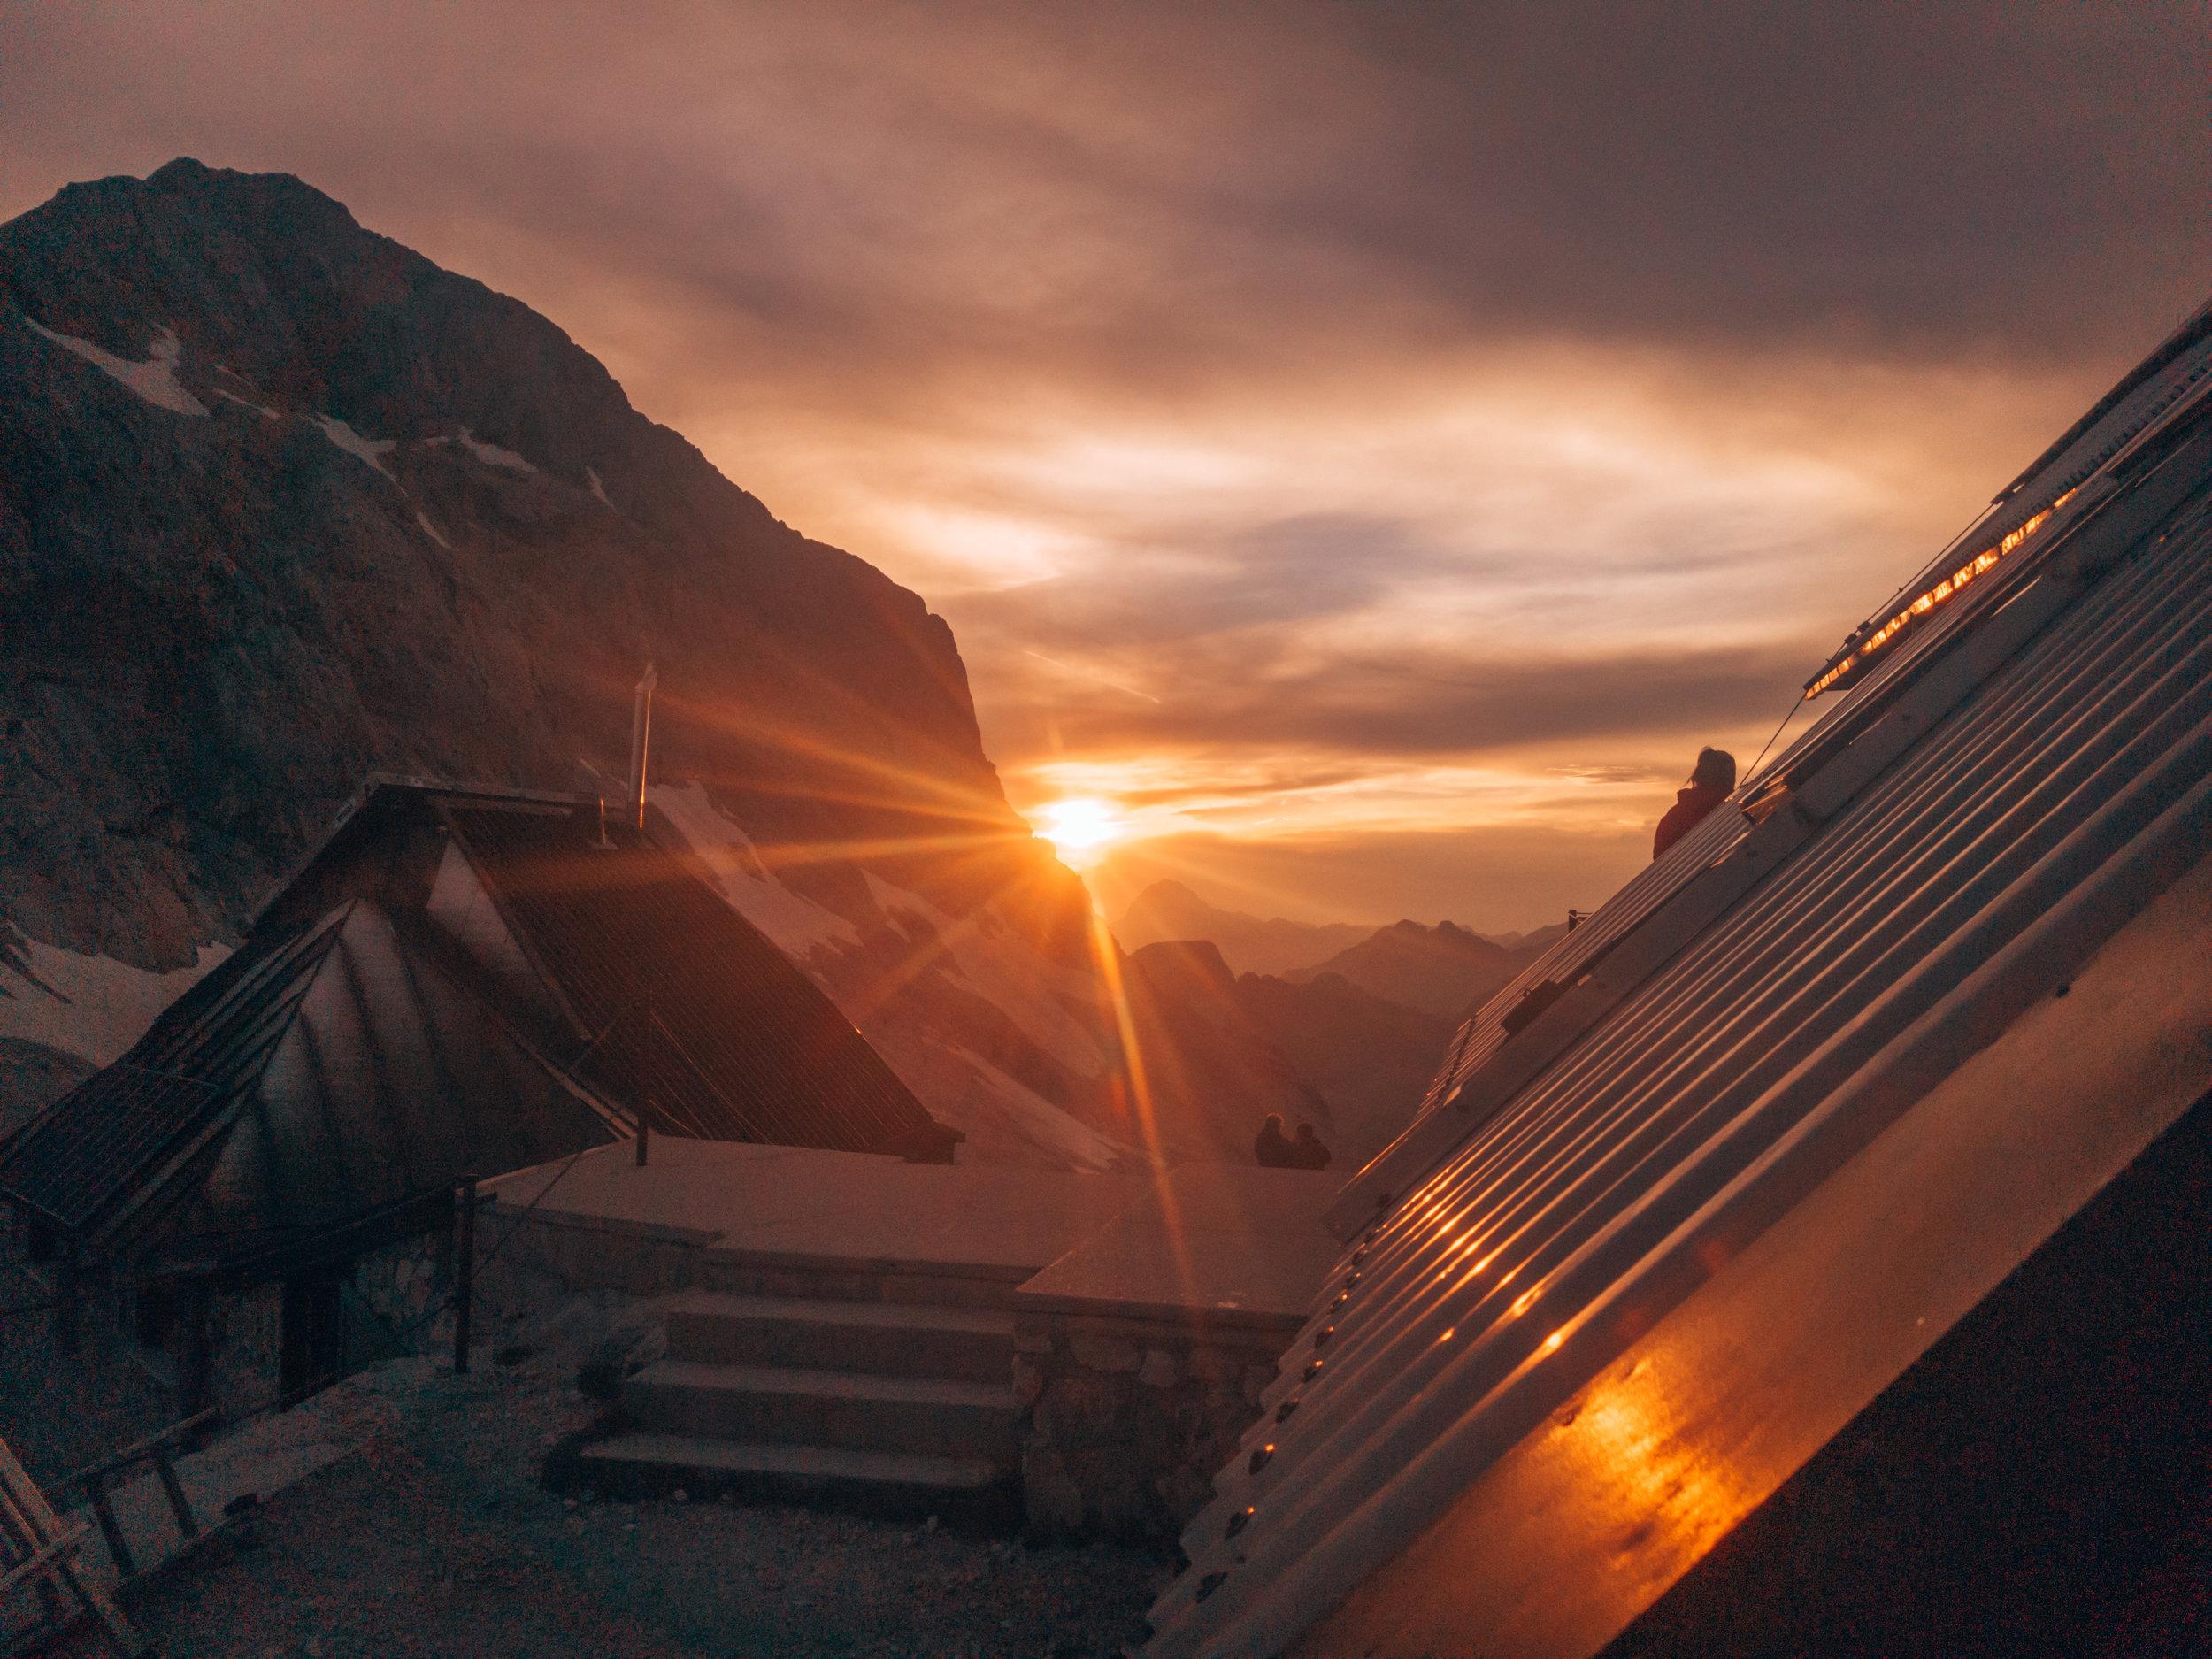 How Tom became a true Slovene - Craving Adventure - Slovenia - Triglav - Hike - Travel - Blog - Mountain - Sunset